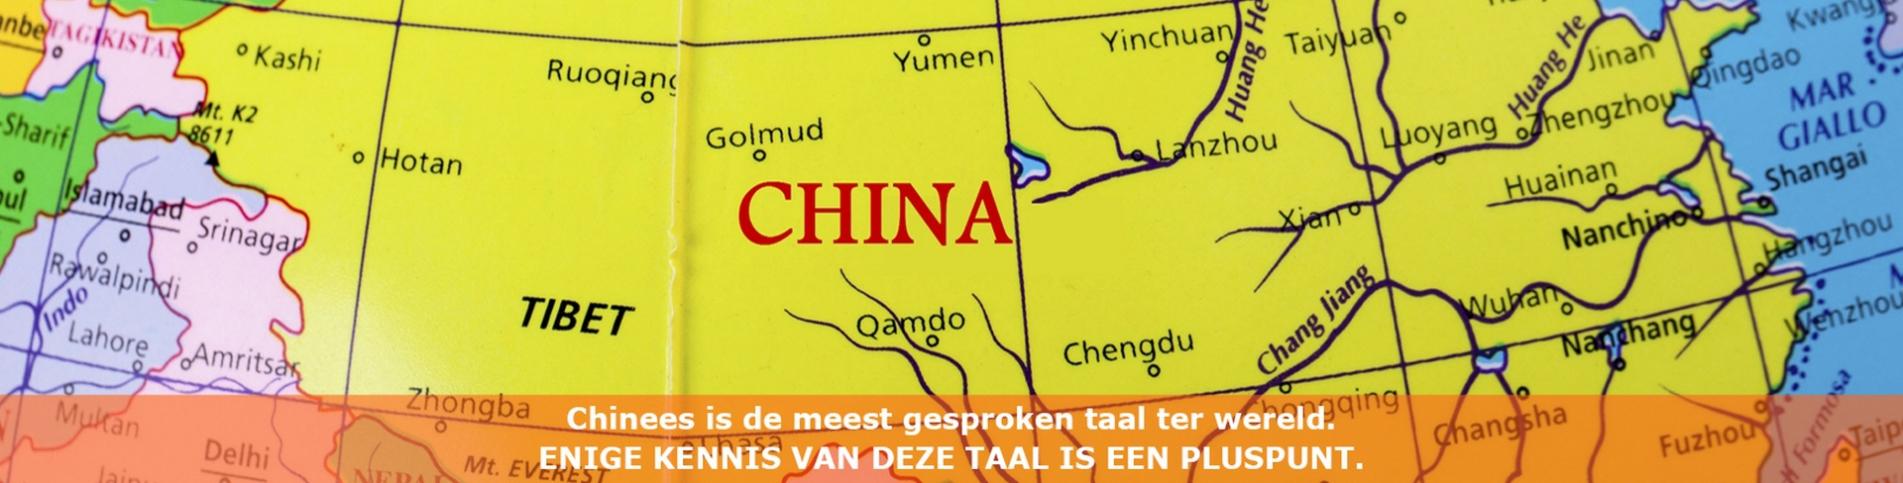 leraar chinees docent chinese taal Monica Chen les cursus leren het gooi vechtstreek flevoland eemnes